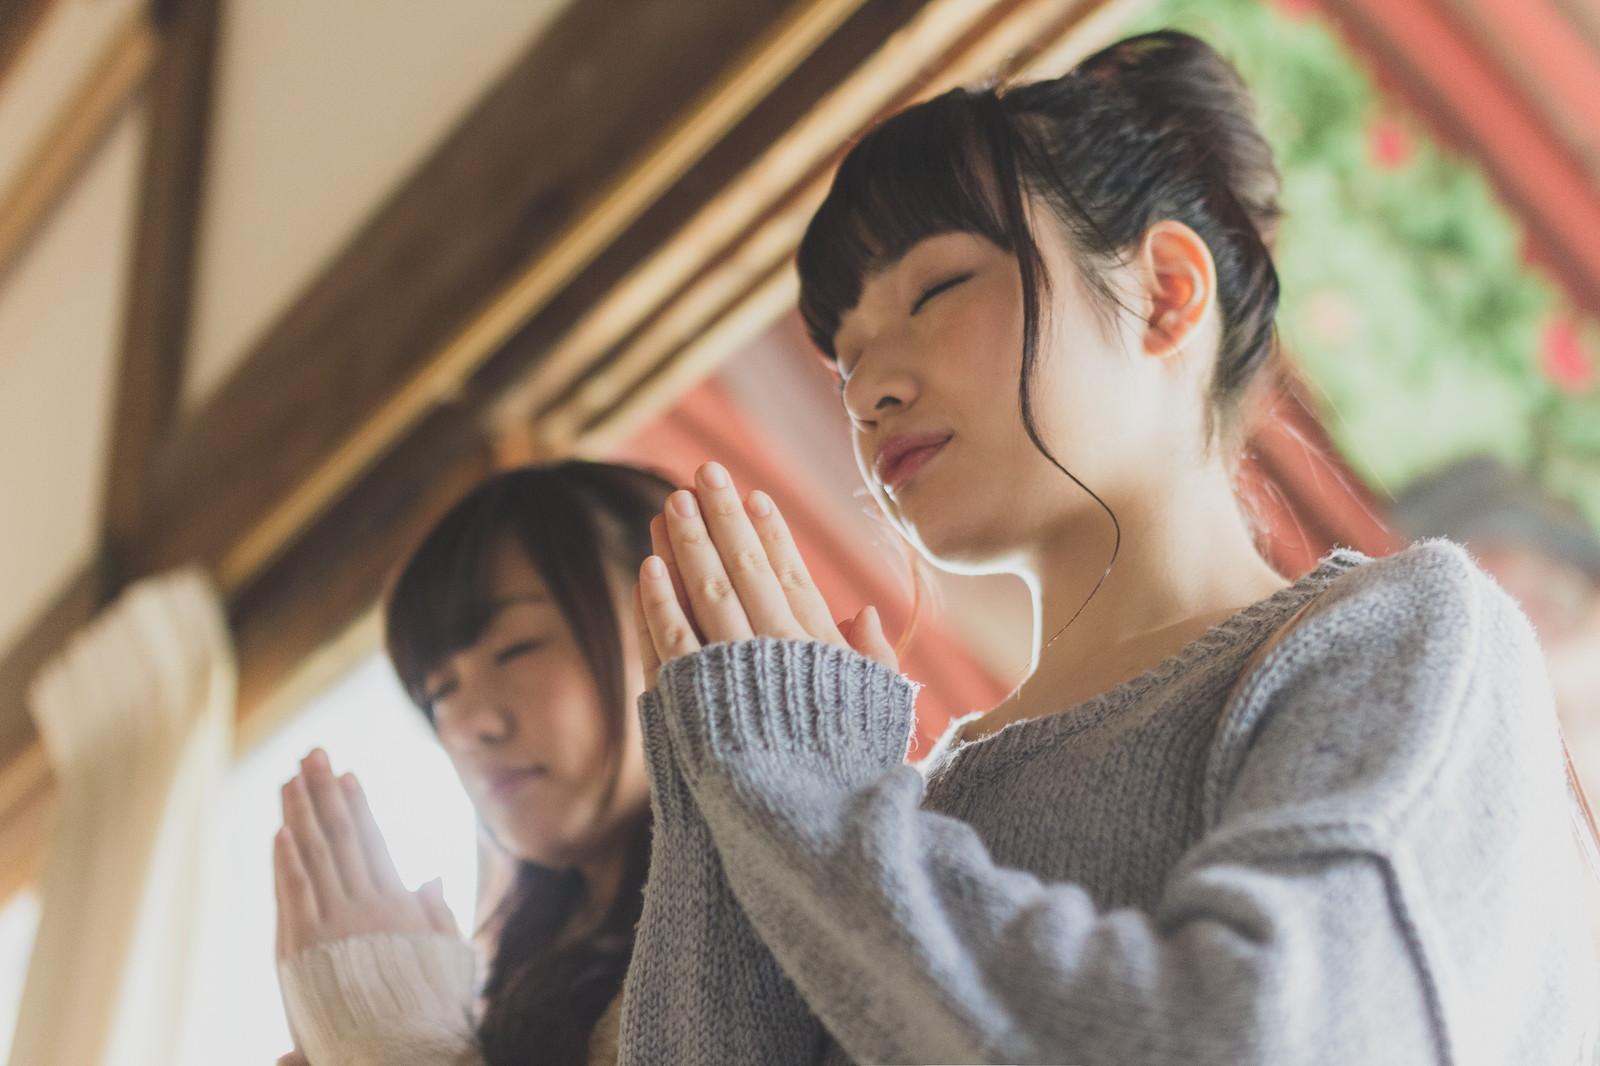 仏教で人間力を身に付ける!おすすめ本3選!